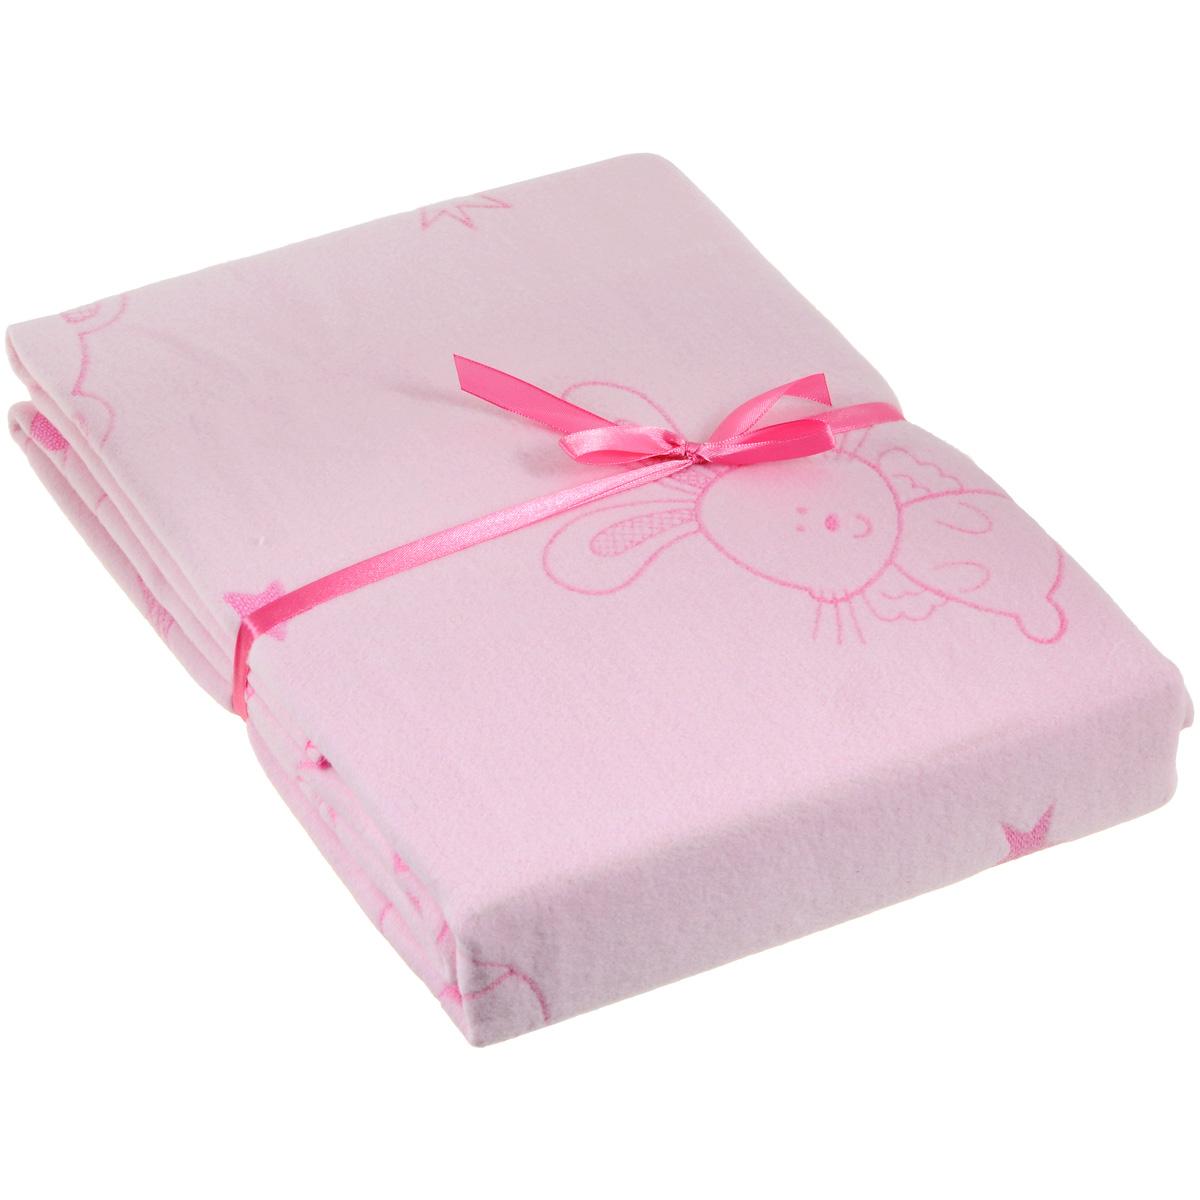 Одеяло детское Baby Nice Мишки и зайки, байковое, цвет: розовый, 100 см x 140 смD311511